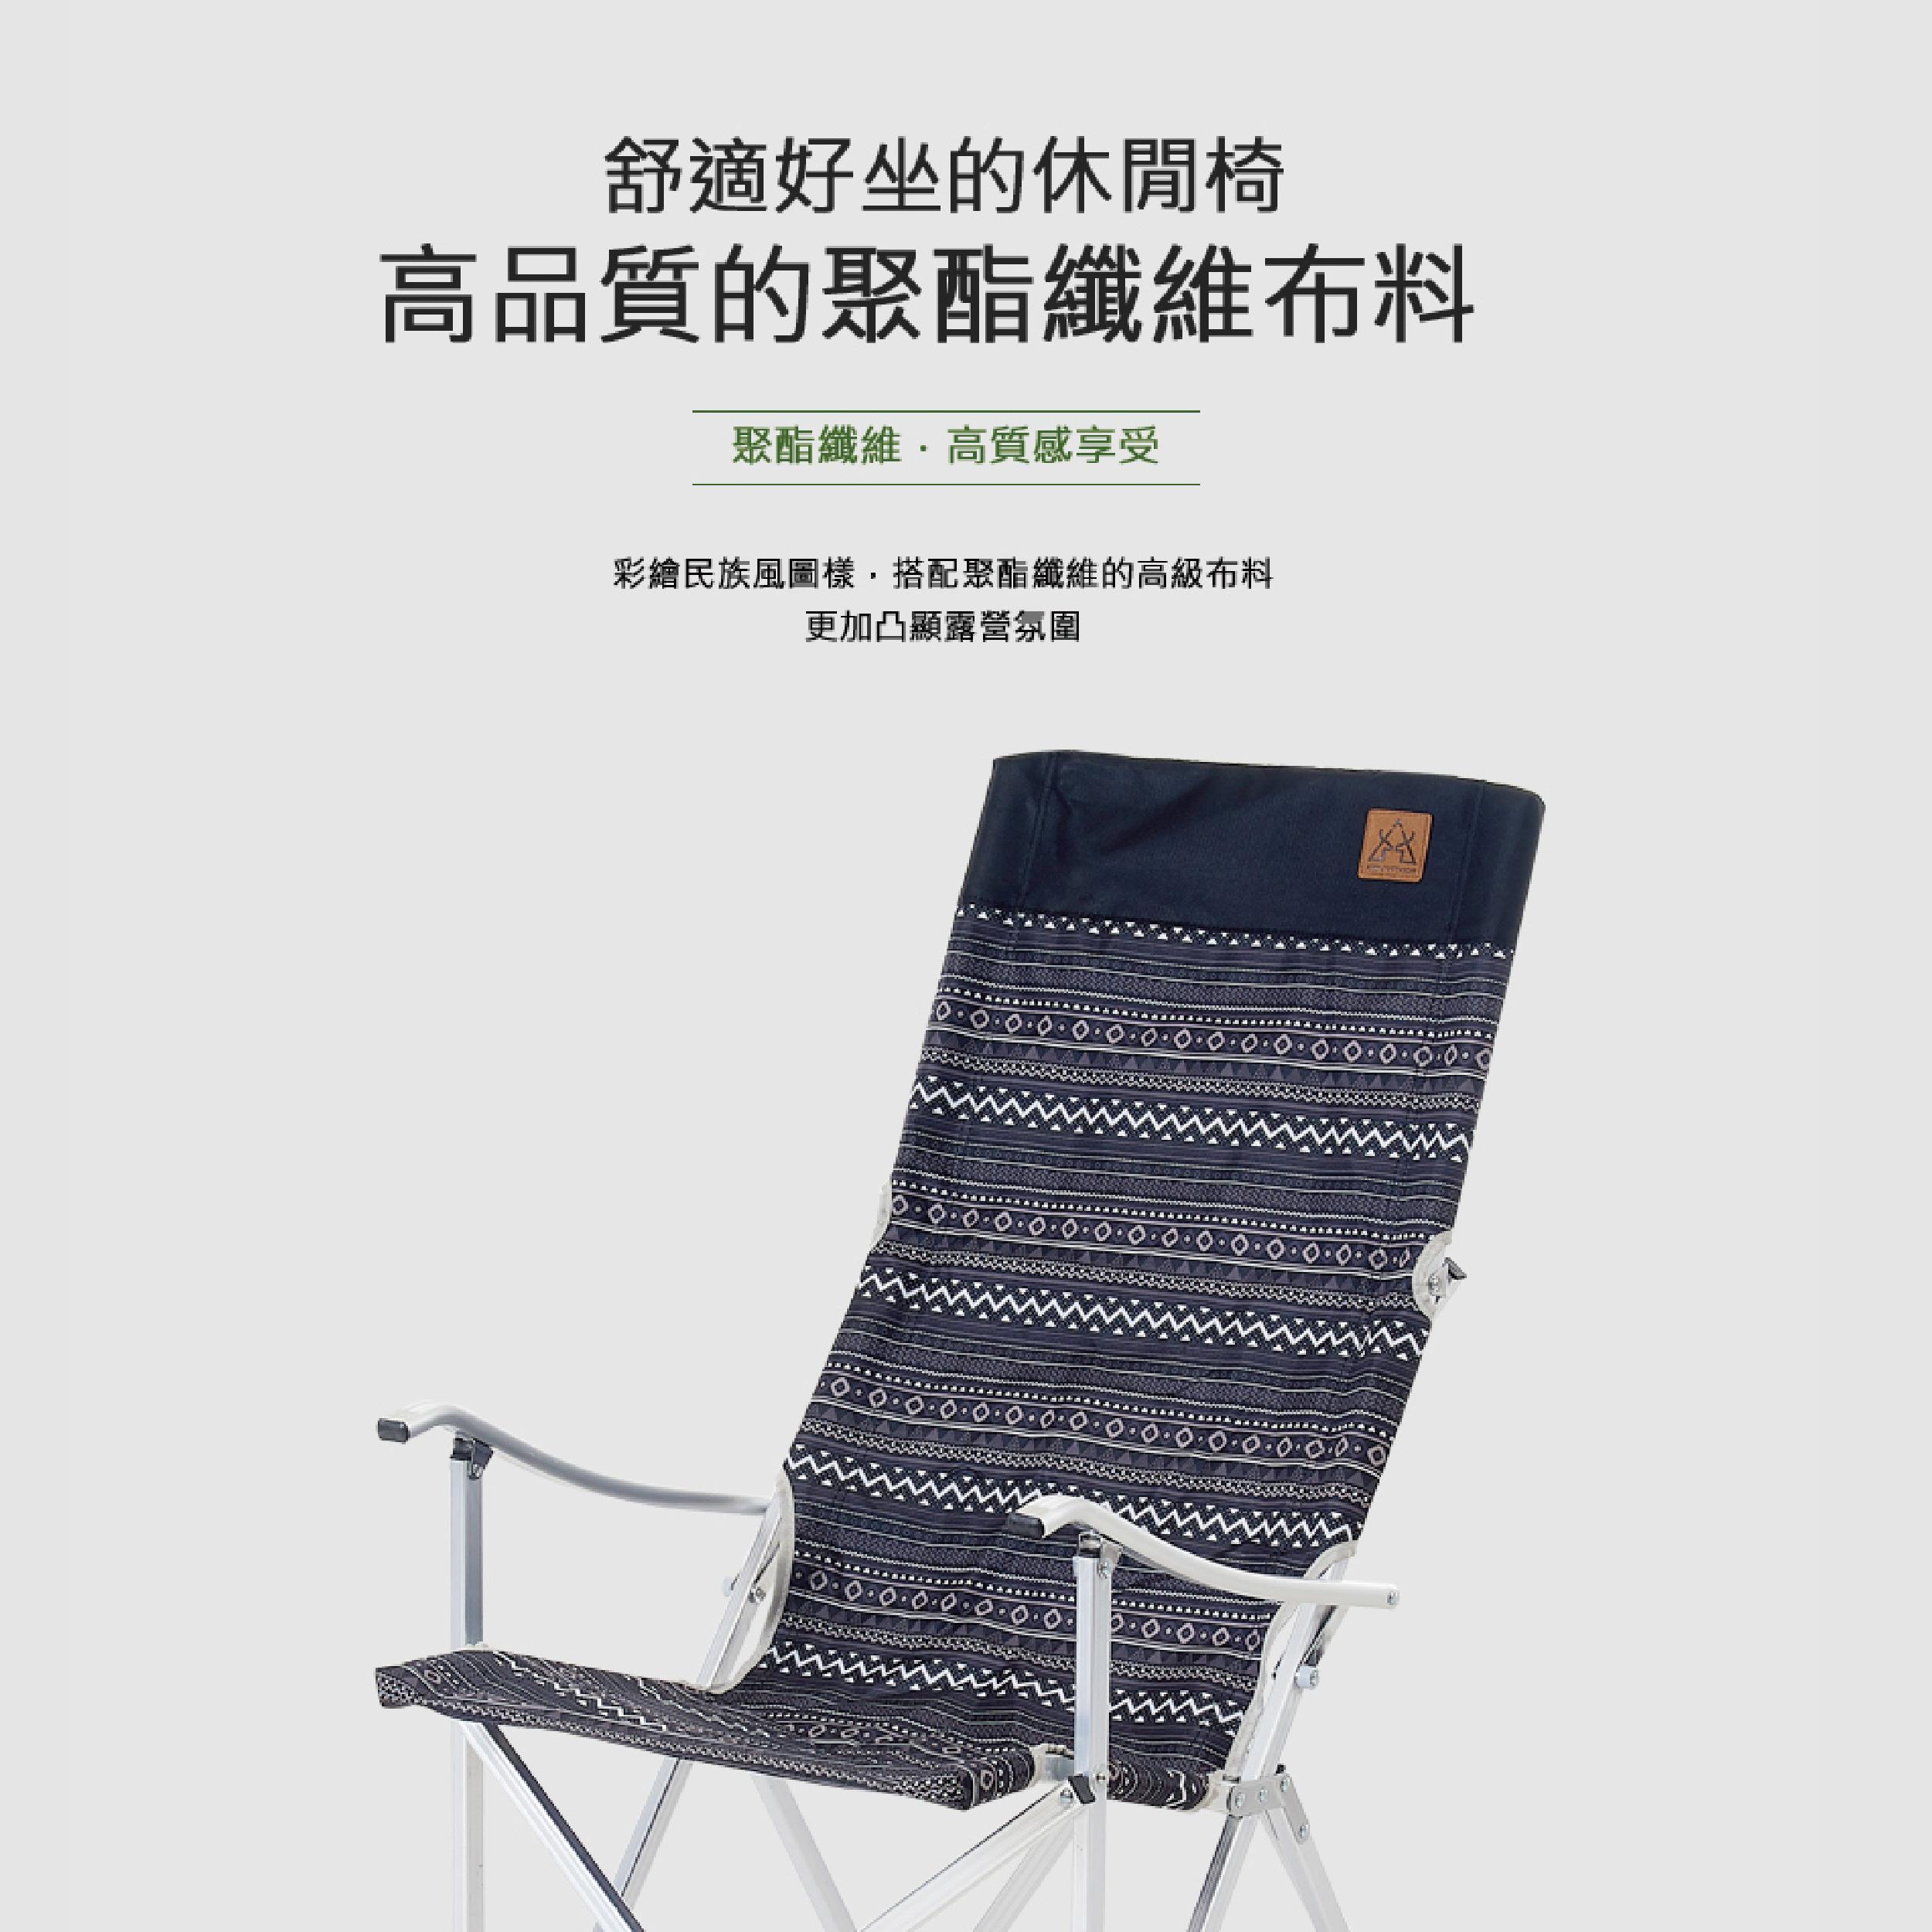 【新品登場】kazmi 彩繪民族風豪華休閒折疊椅 休閒椅 折疊椅 露營椅